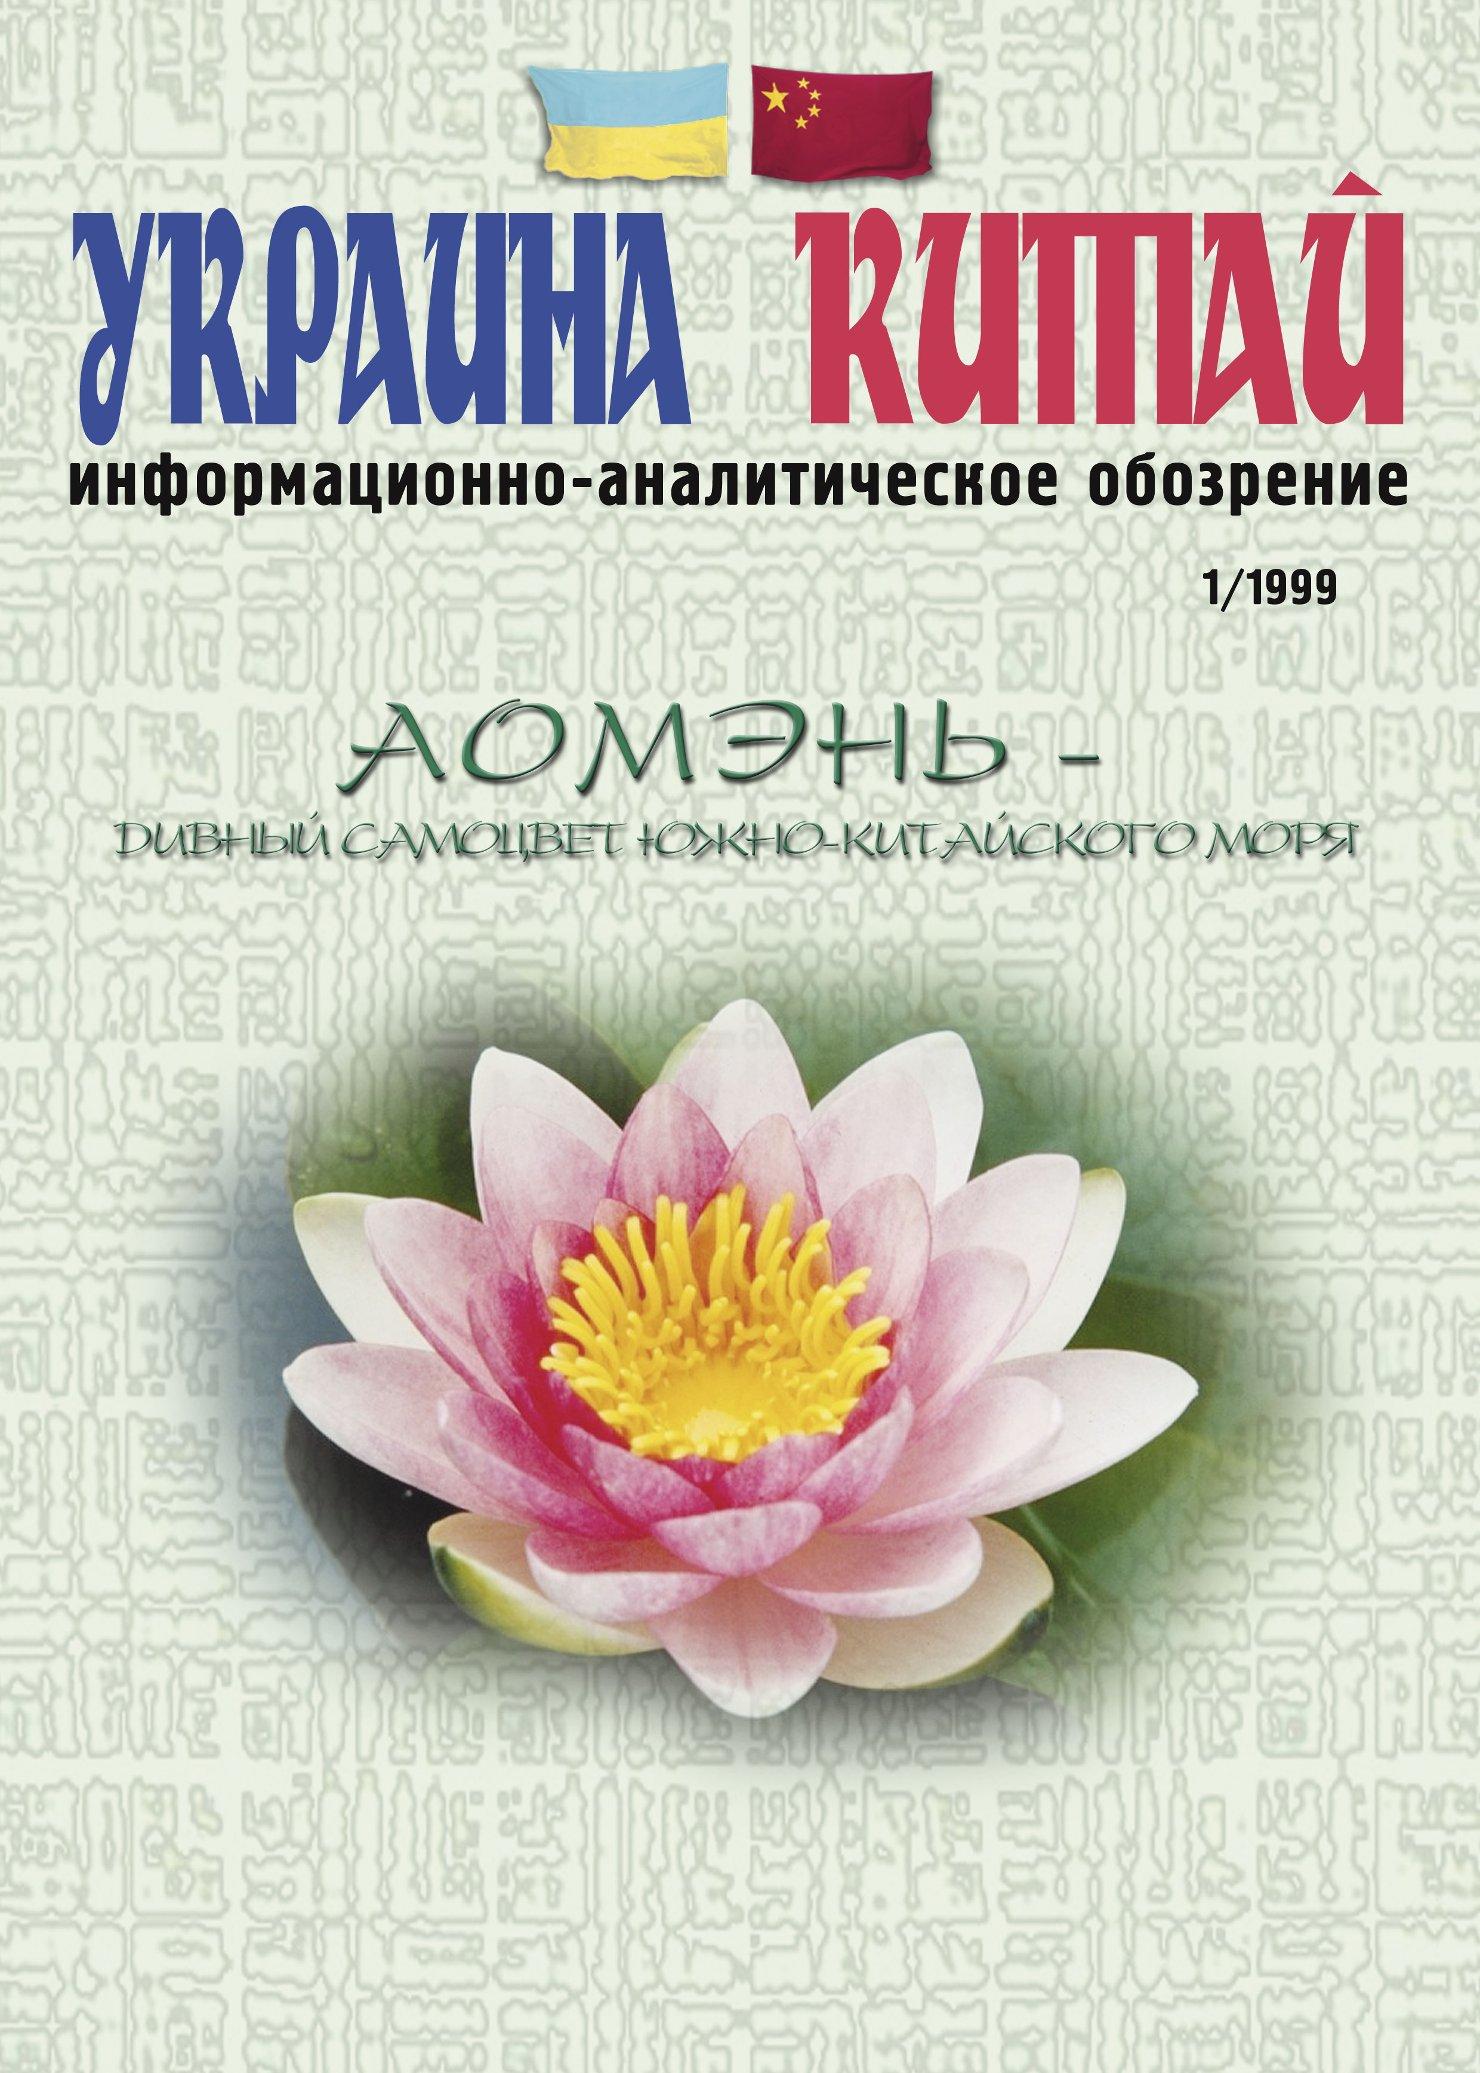 Ukraine-China 1999, 1(1)